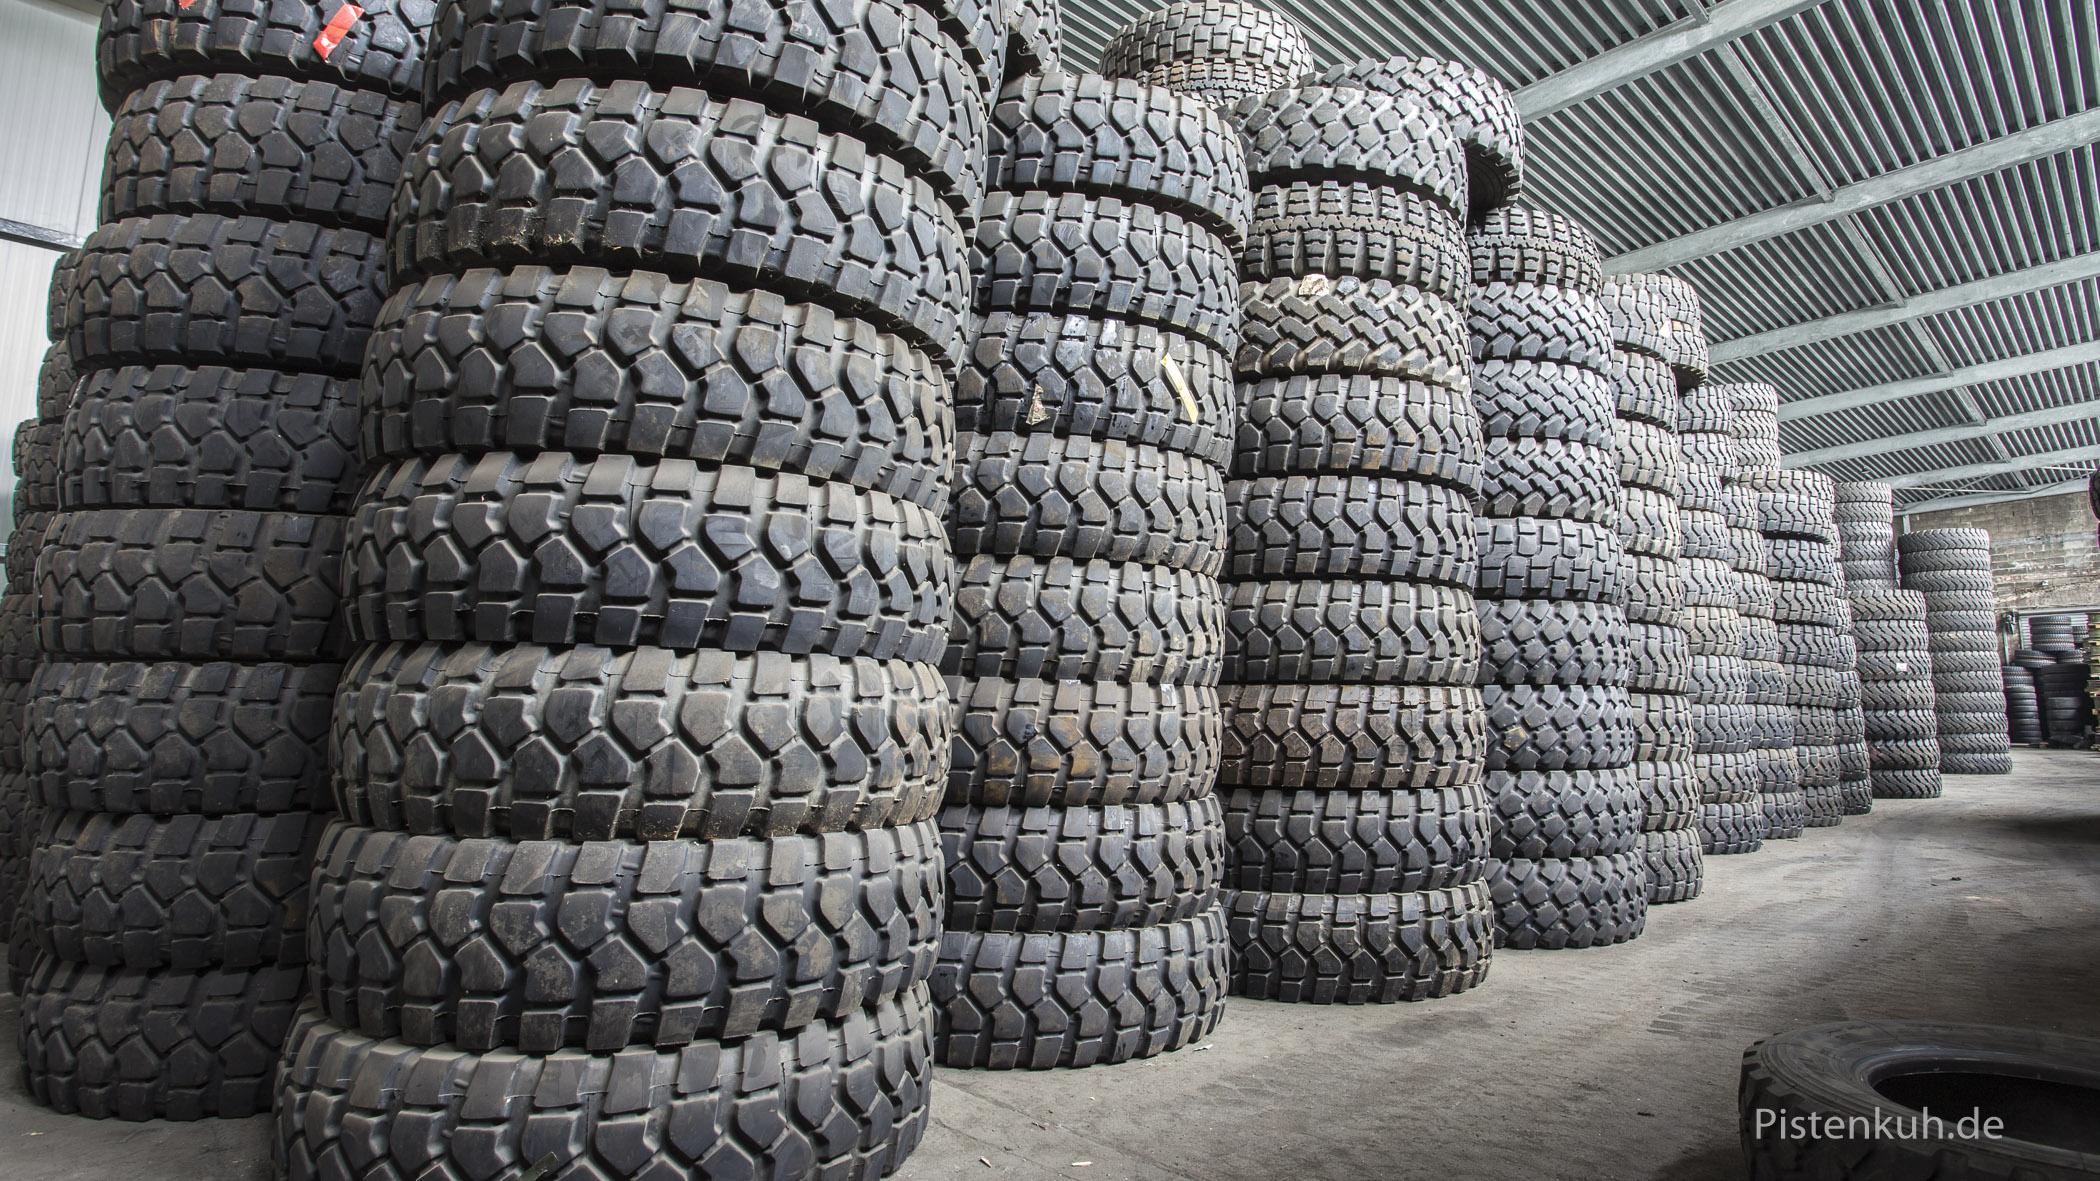 Reifenlager von Corint-Reifen